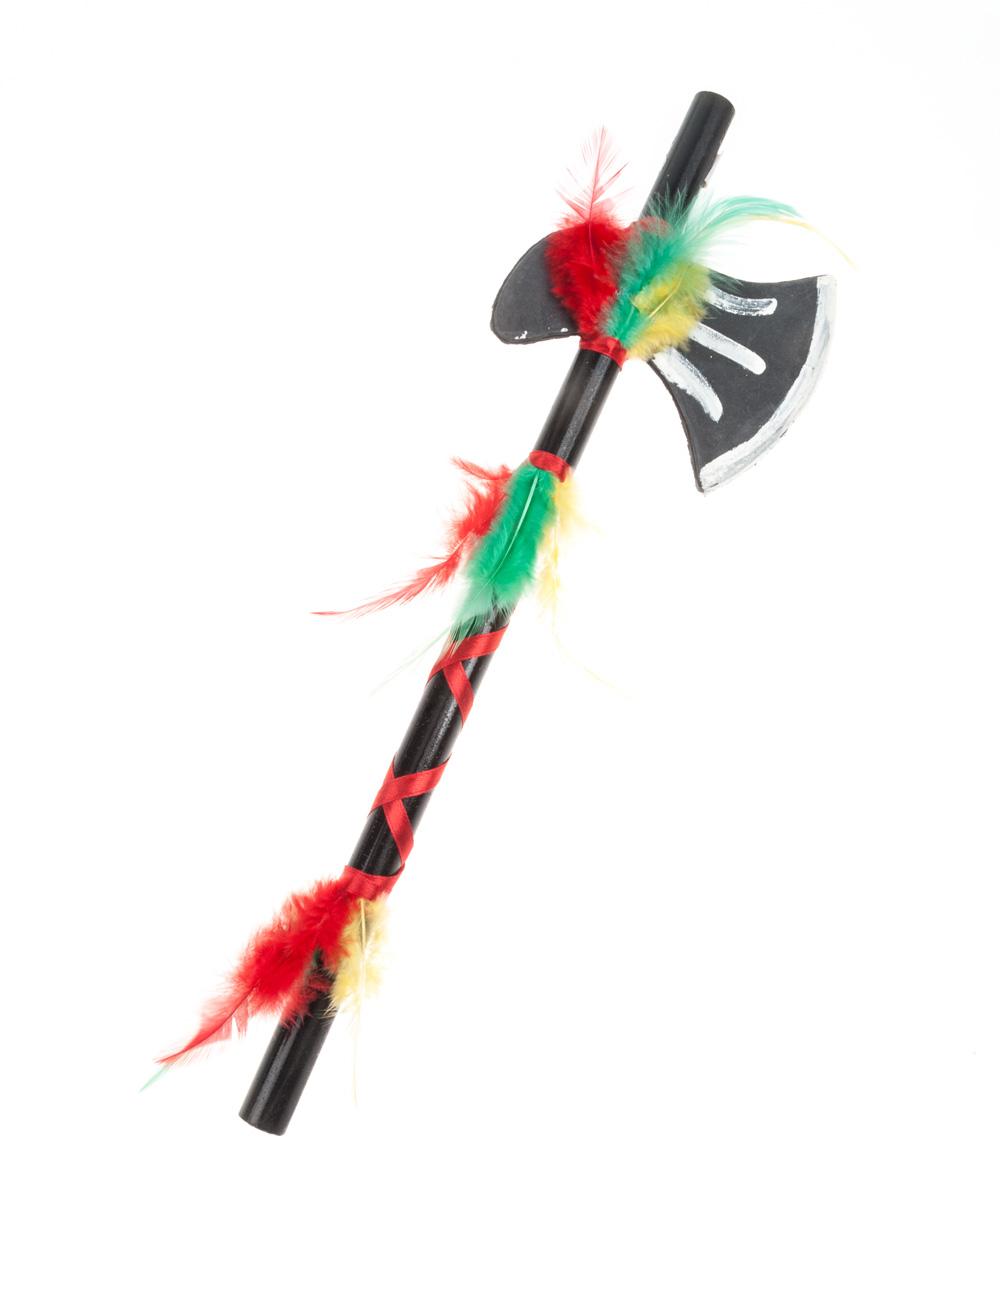 Kostuemzubehor Axt Indianer de luxe Farbe: multicolor bzw. bunt